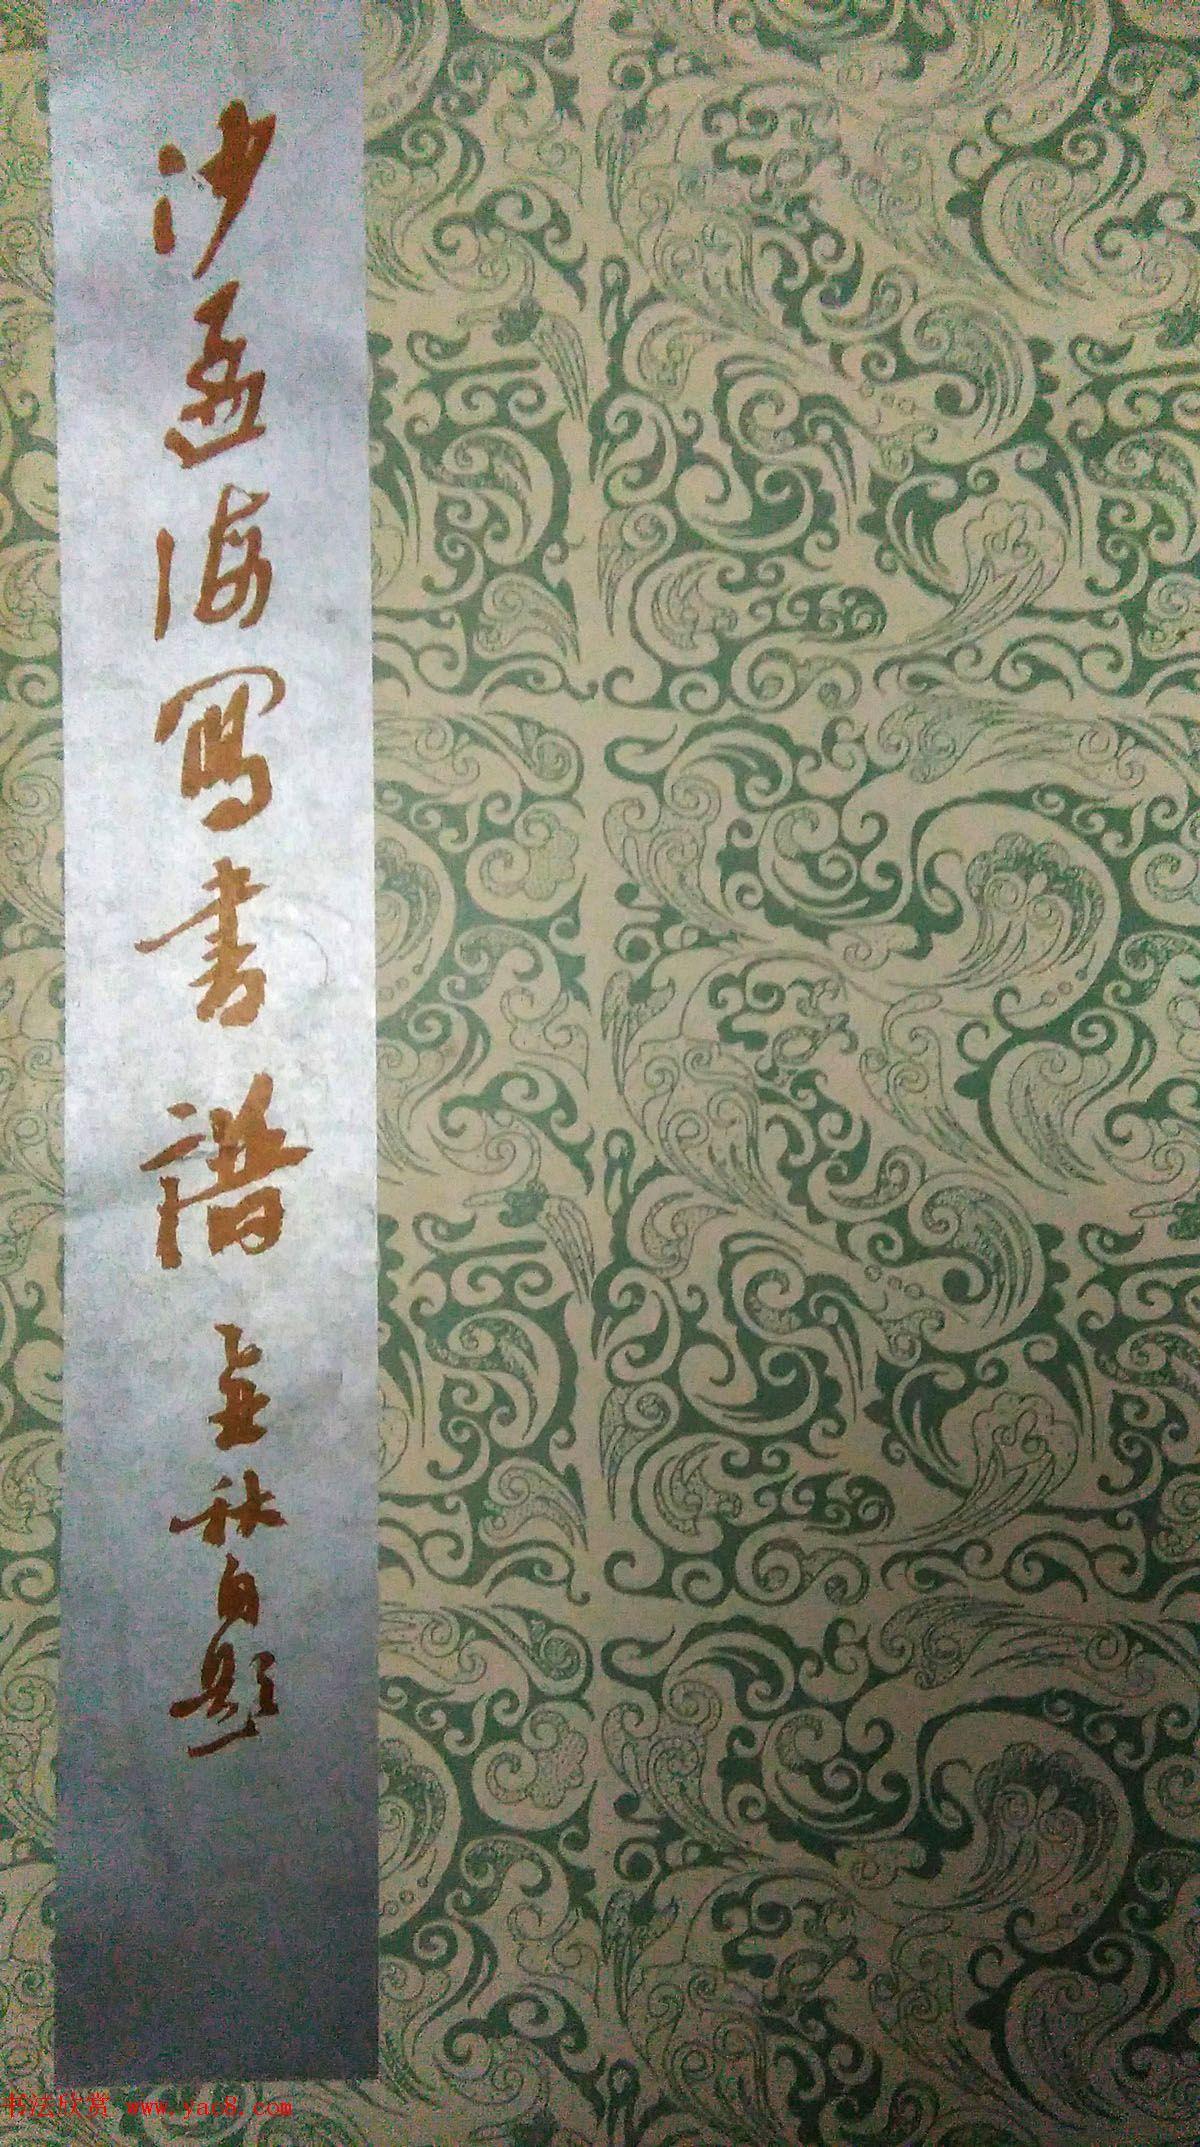 金石书法大家沙孟海73岁写书谱